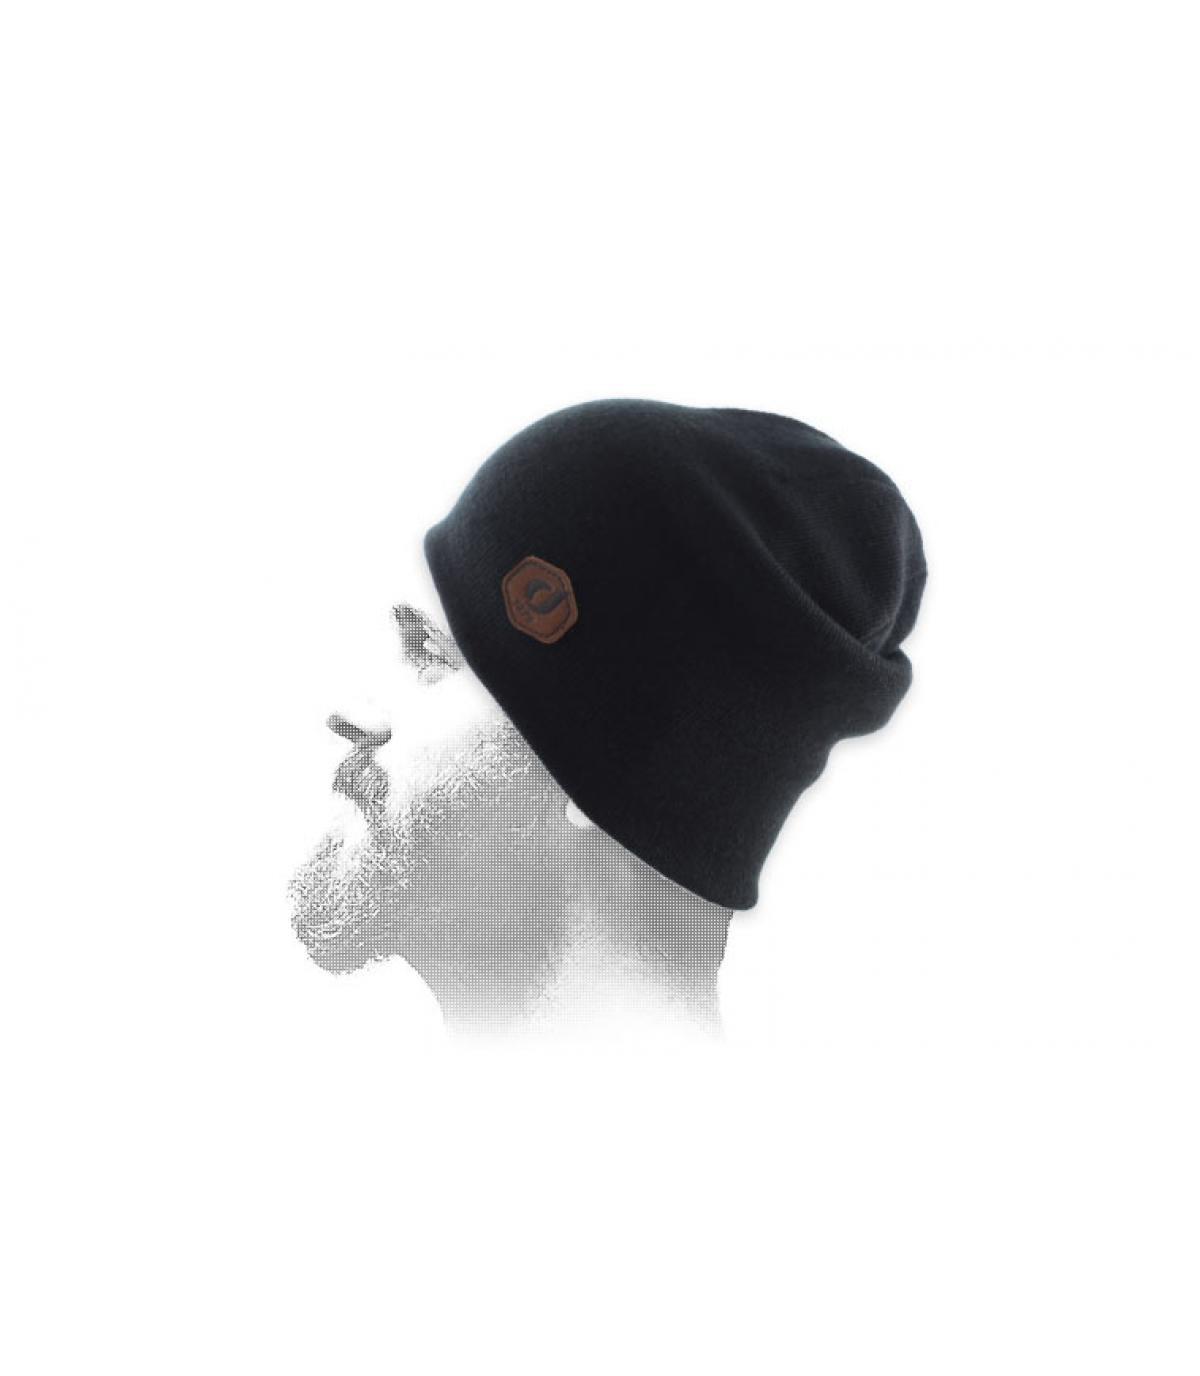 zwarte patch manchet hoed